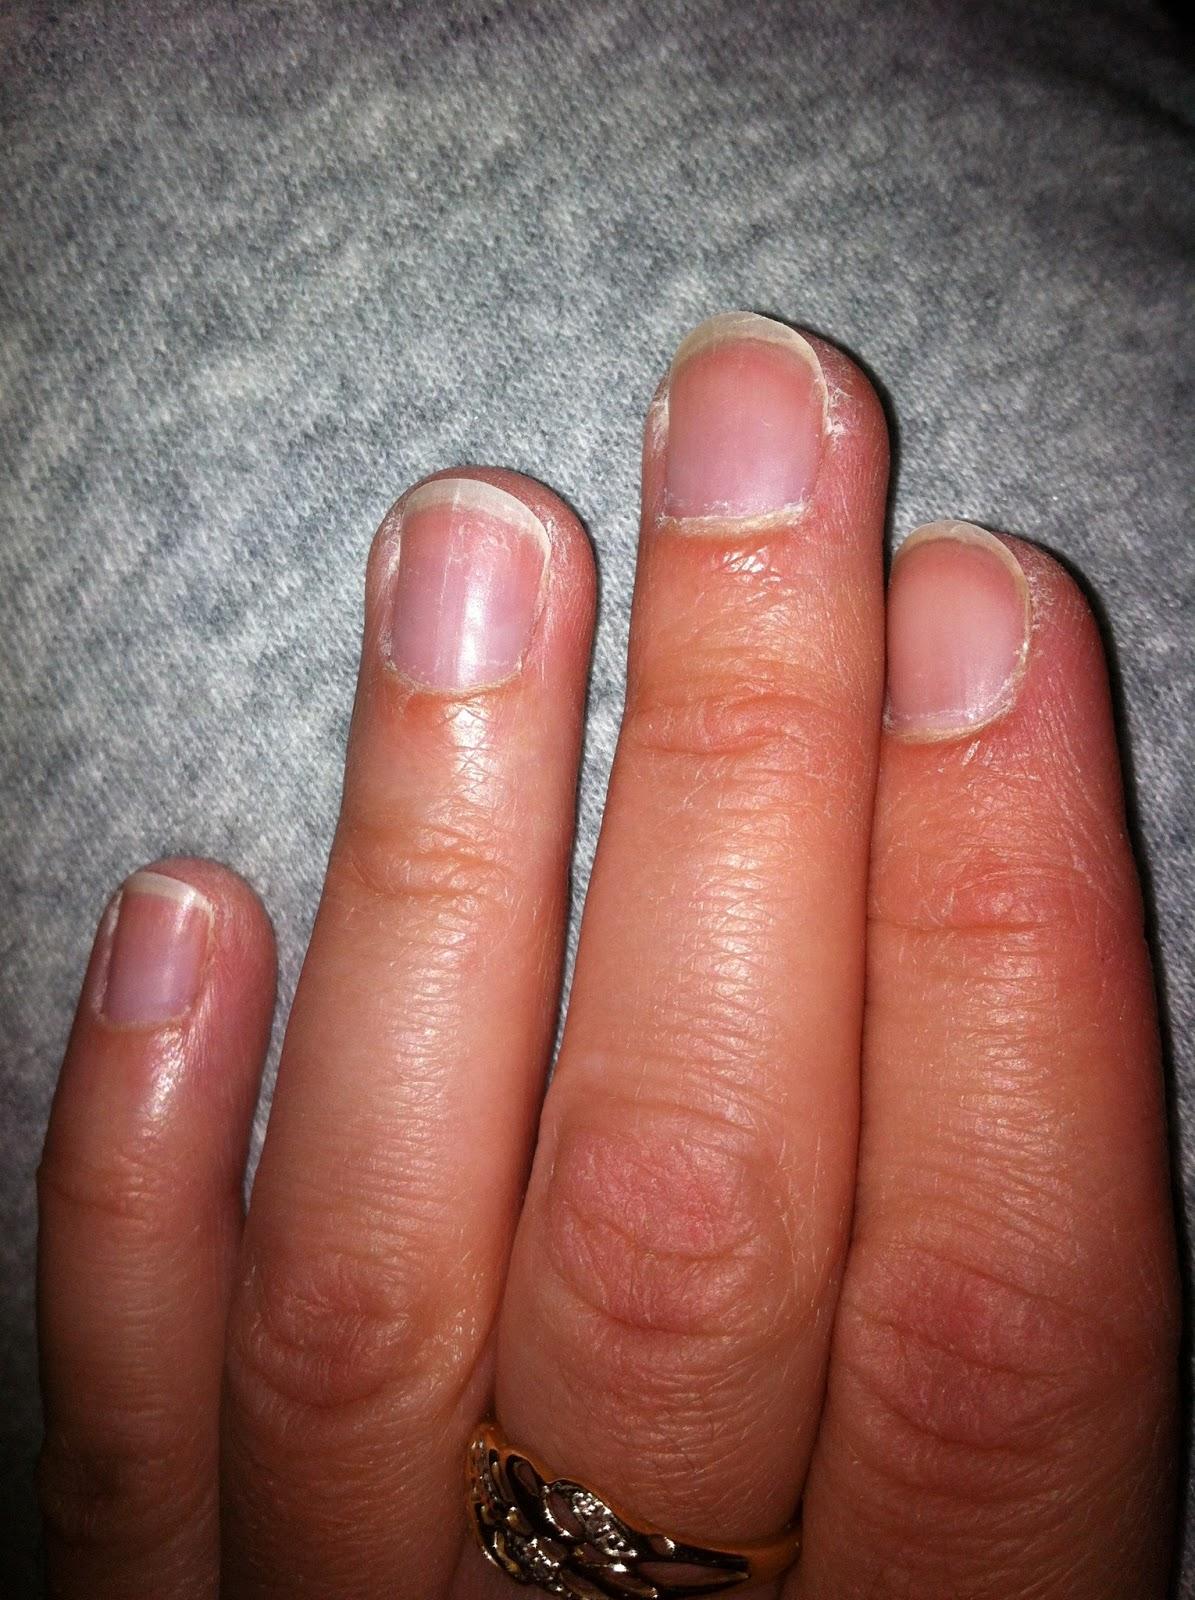 trasiga nagelband orsak